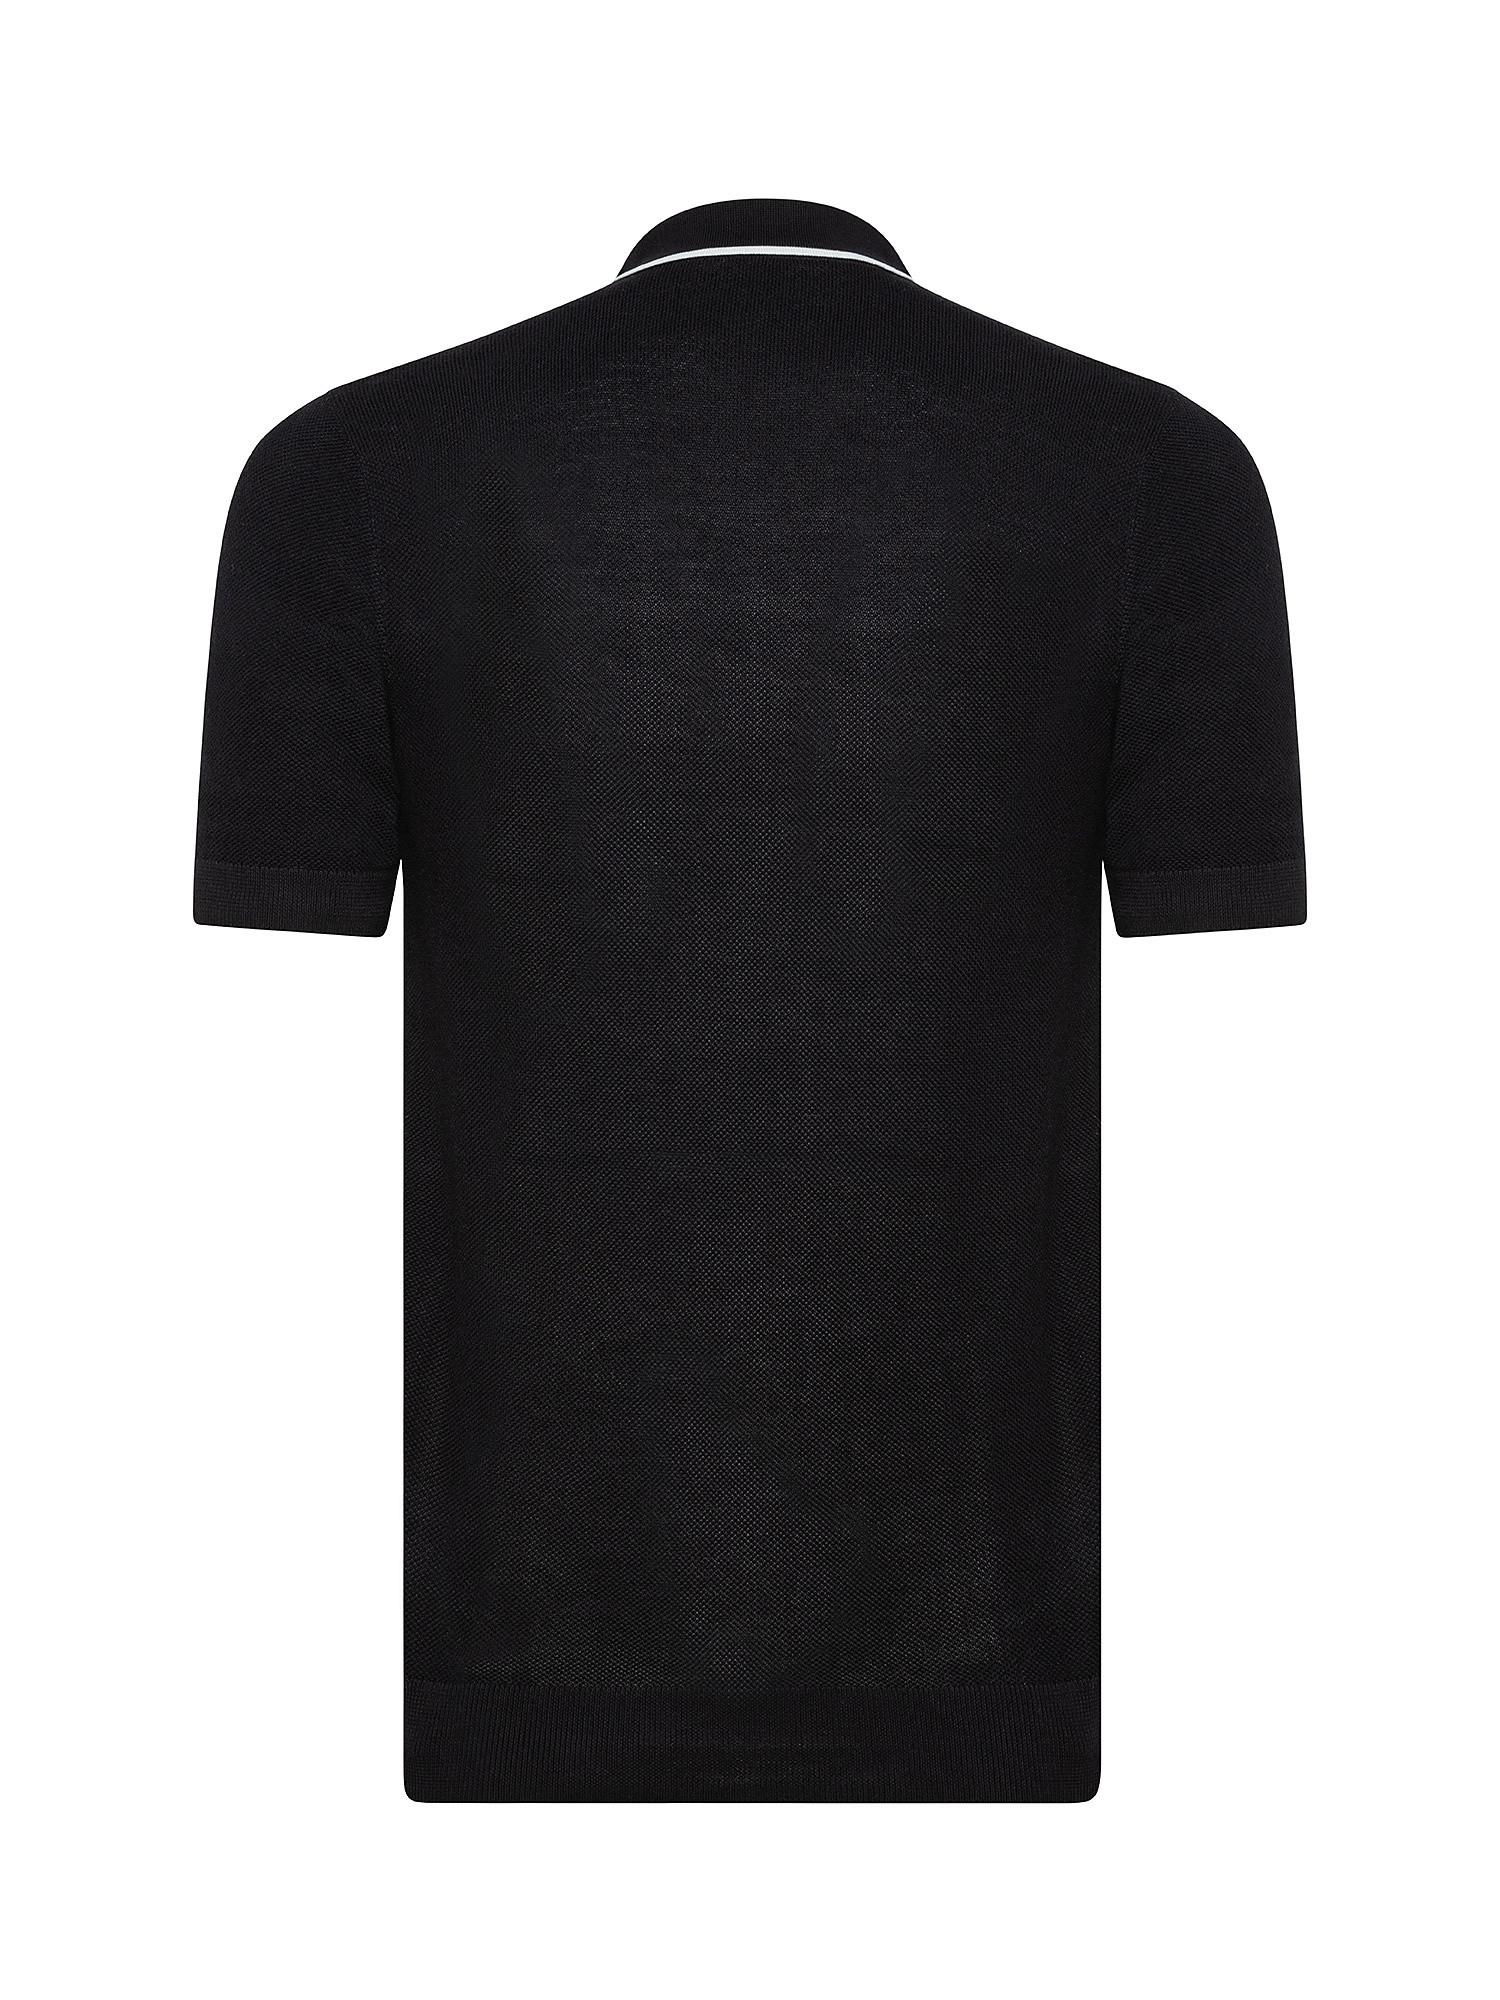 Polo in maglia con riga, Nero, large image number 1